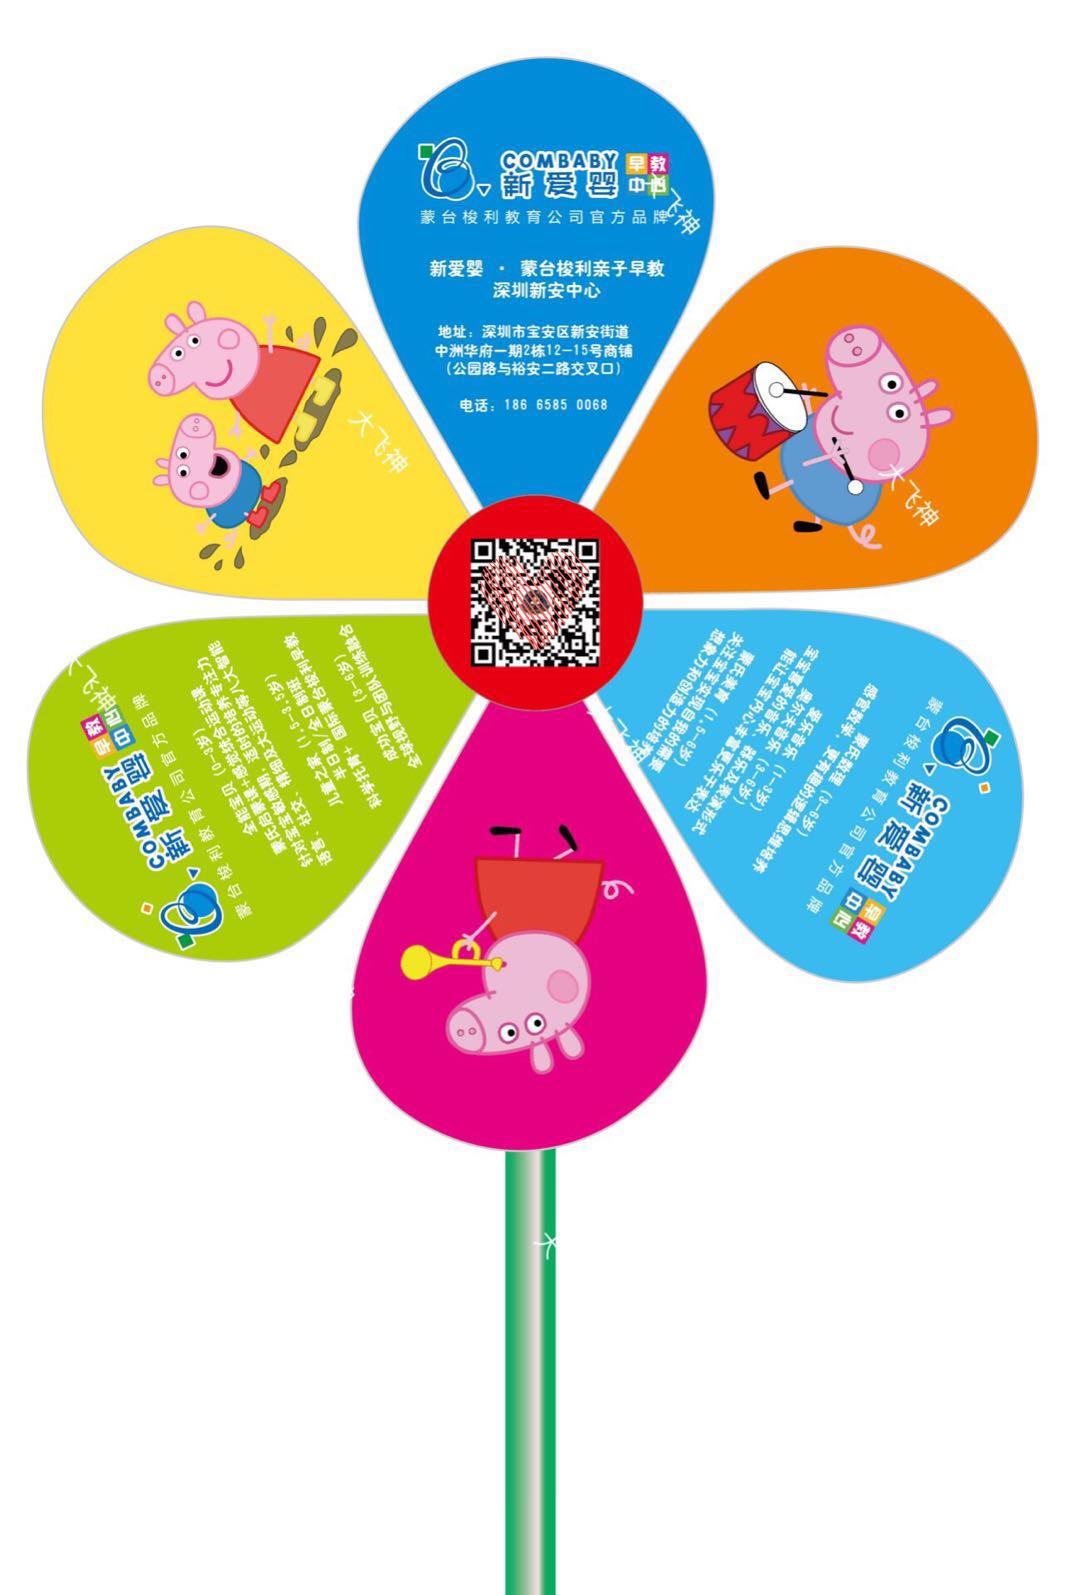 定制广告宣传单册 幼儿园招生宣传单京东商场企业公司开业宣传单